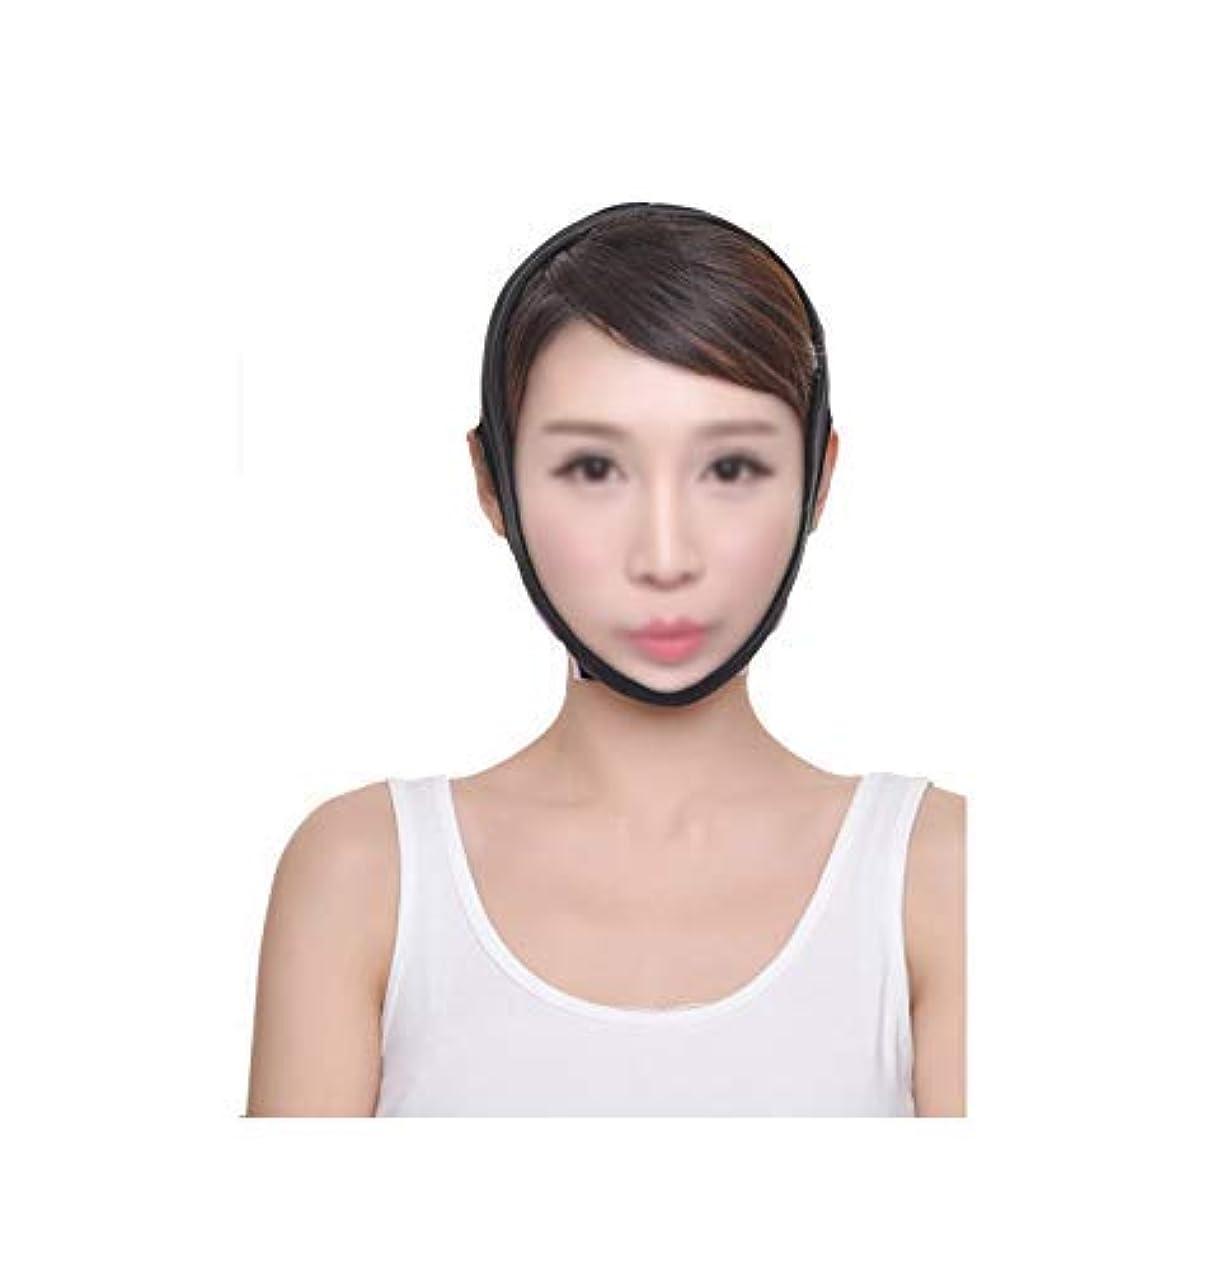 差別するジャンク強調ファーミングフェイスマスク、フェイスリフティングアーティファクト脂肪吸引術術後整形二重あご美容マスクブラックフード(サイズ:L)